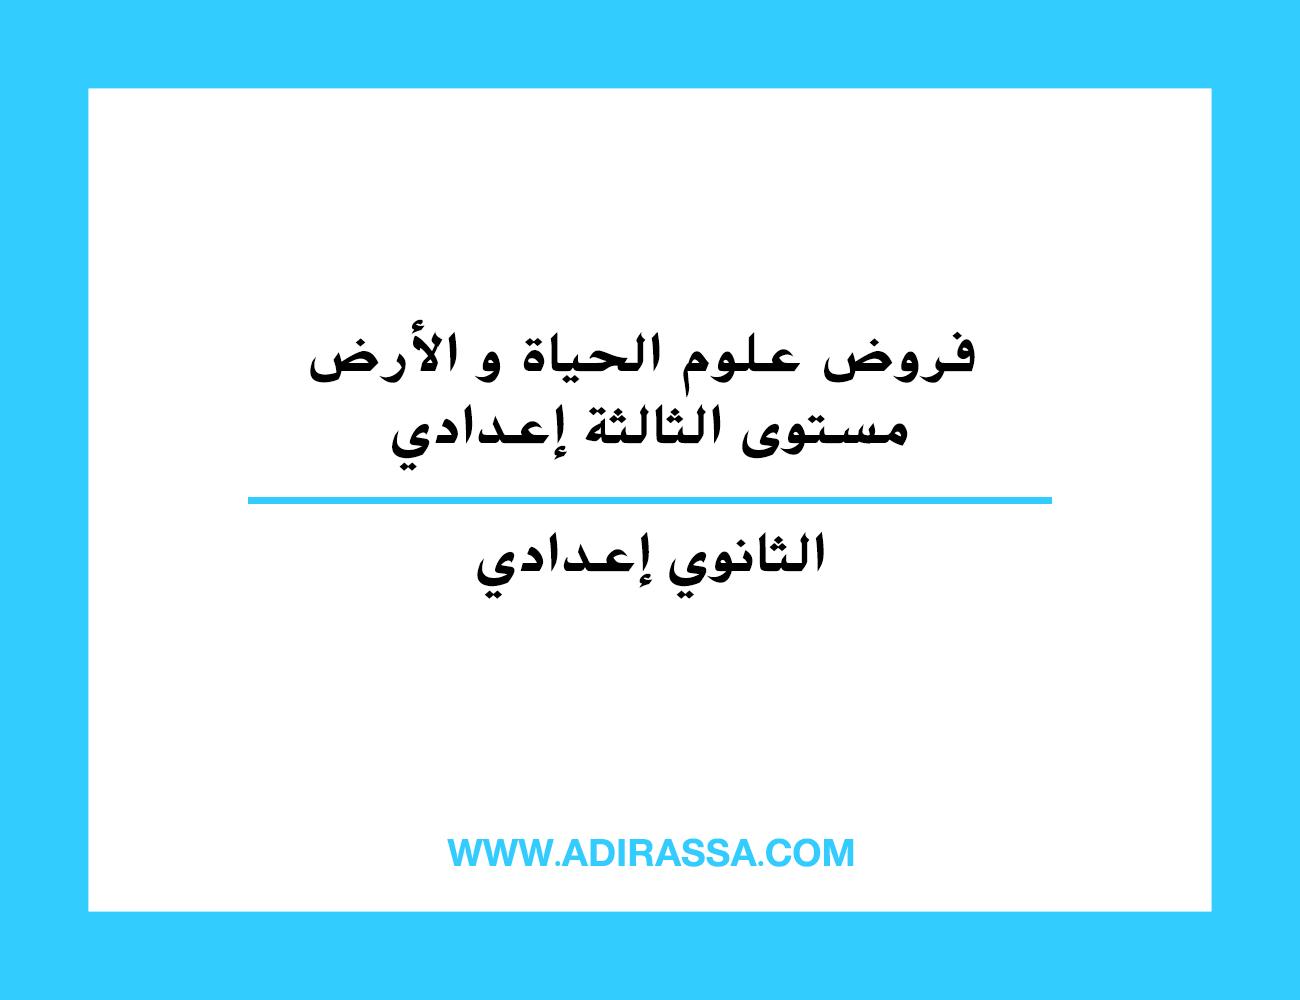 فروض علوم الحياة و الأرض مستوى الثالثة إعدادي المقررة في المدرسة المغربية